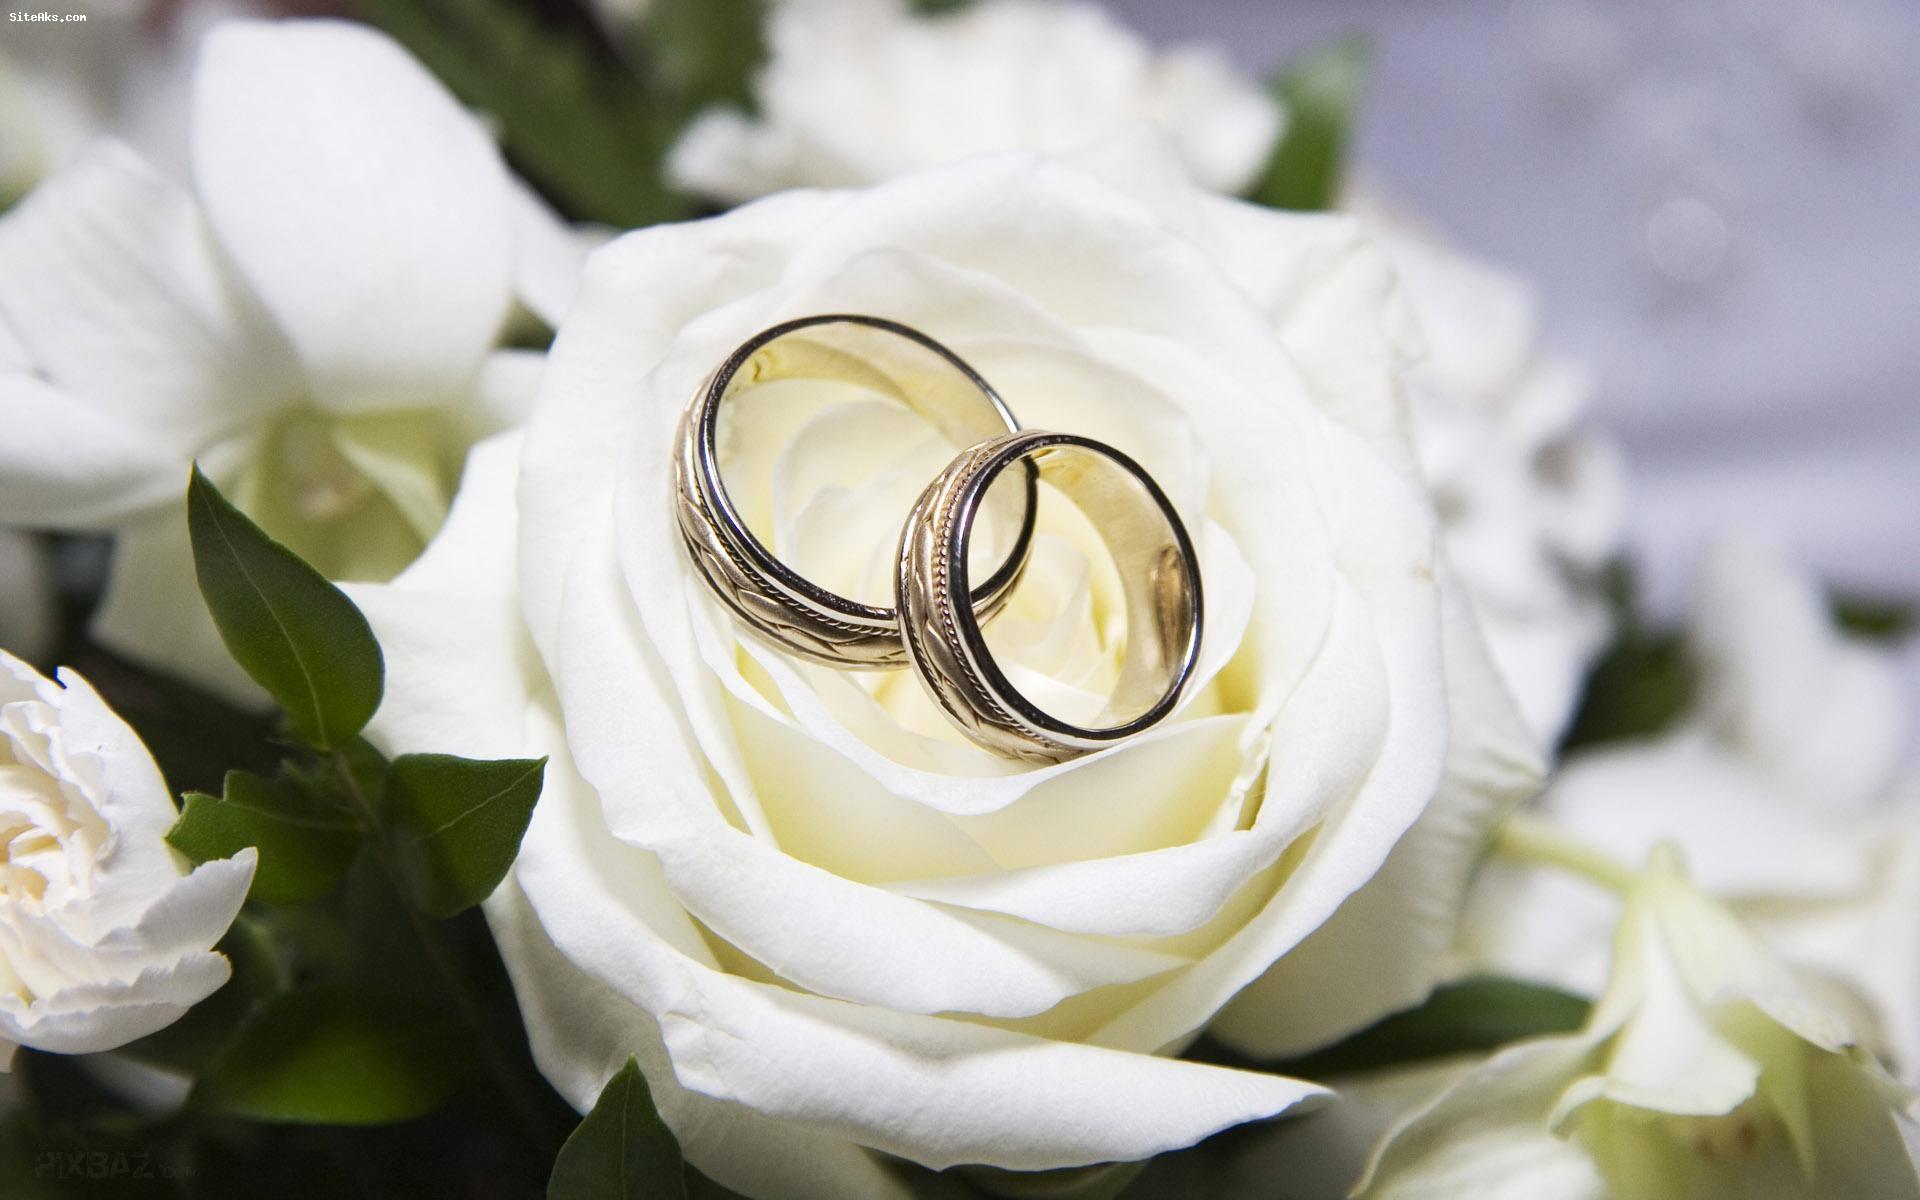 فرمول ازدواج موفق:خوب بودن،جور بودن،علاقه مندی خاص،مهارت های زندگی زناشویی